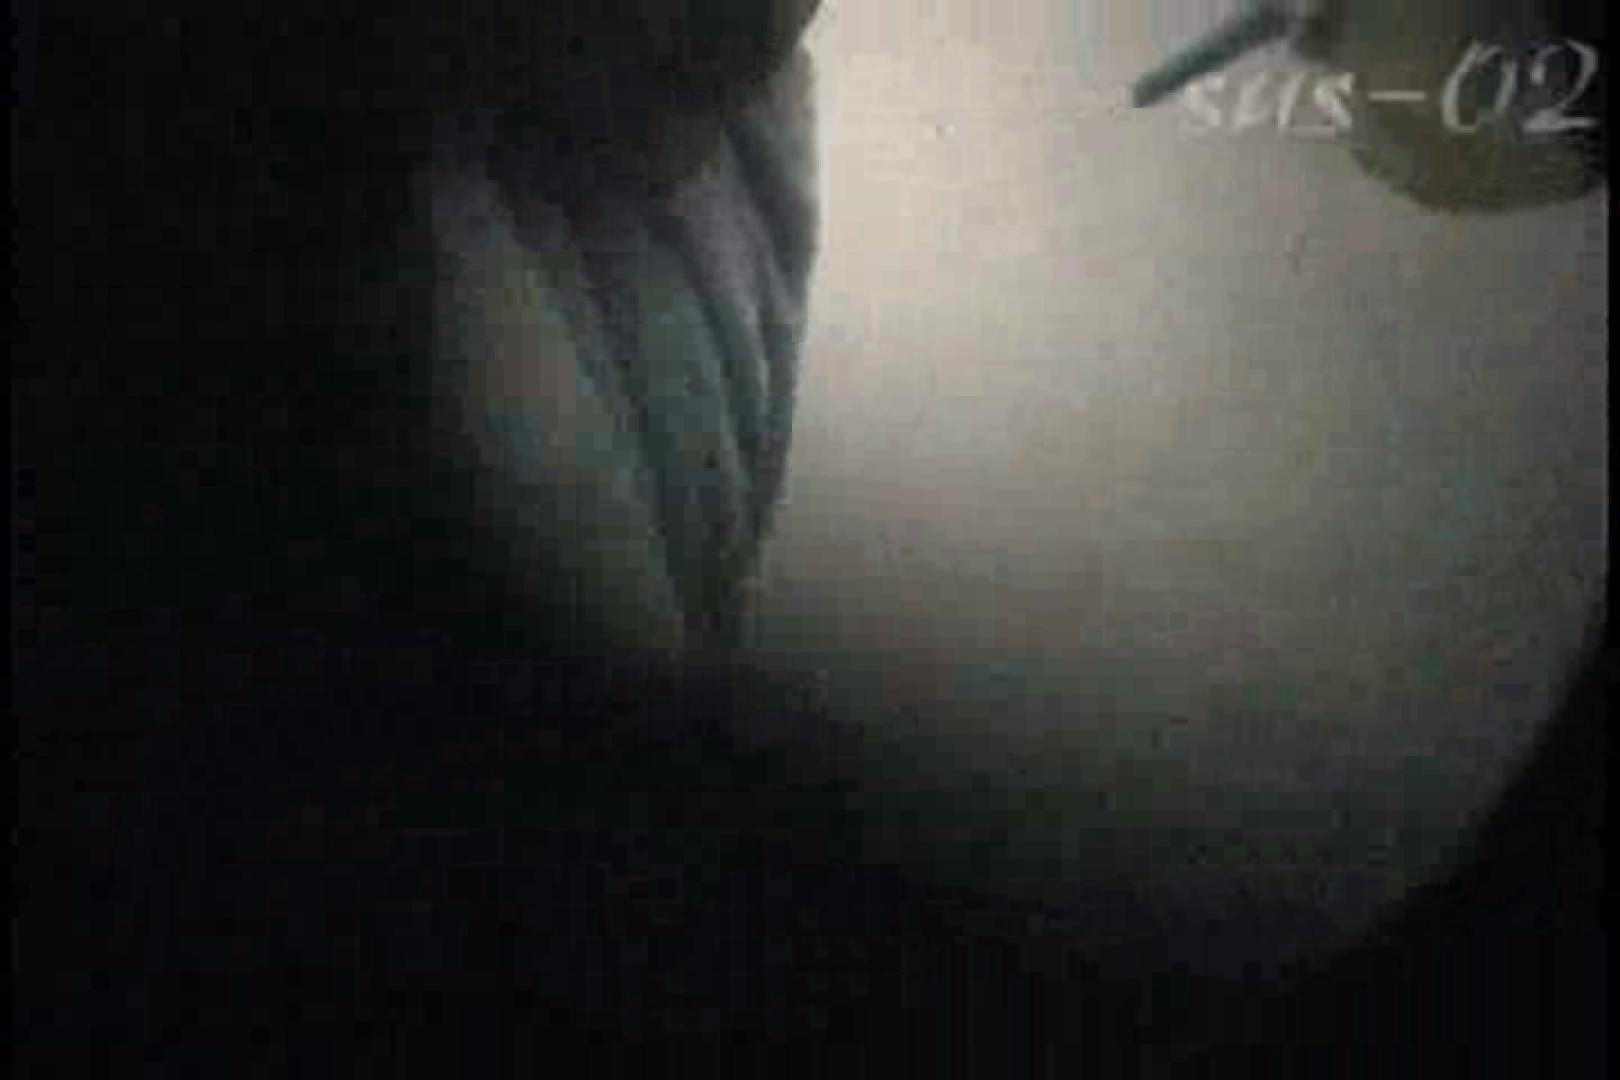 サターンさんのウル技炸裂!!夏乙女★海の家シャワー室絵巻 Vol.02 乙女ハメ撮り  22Pix 21